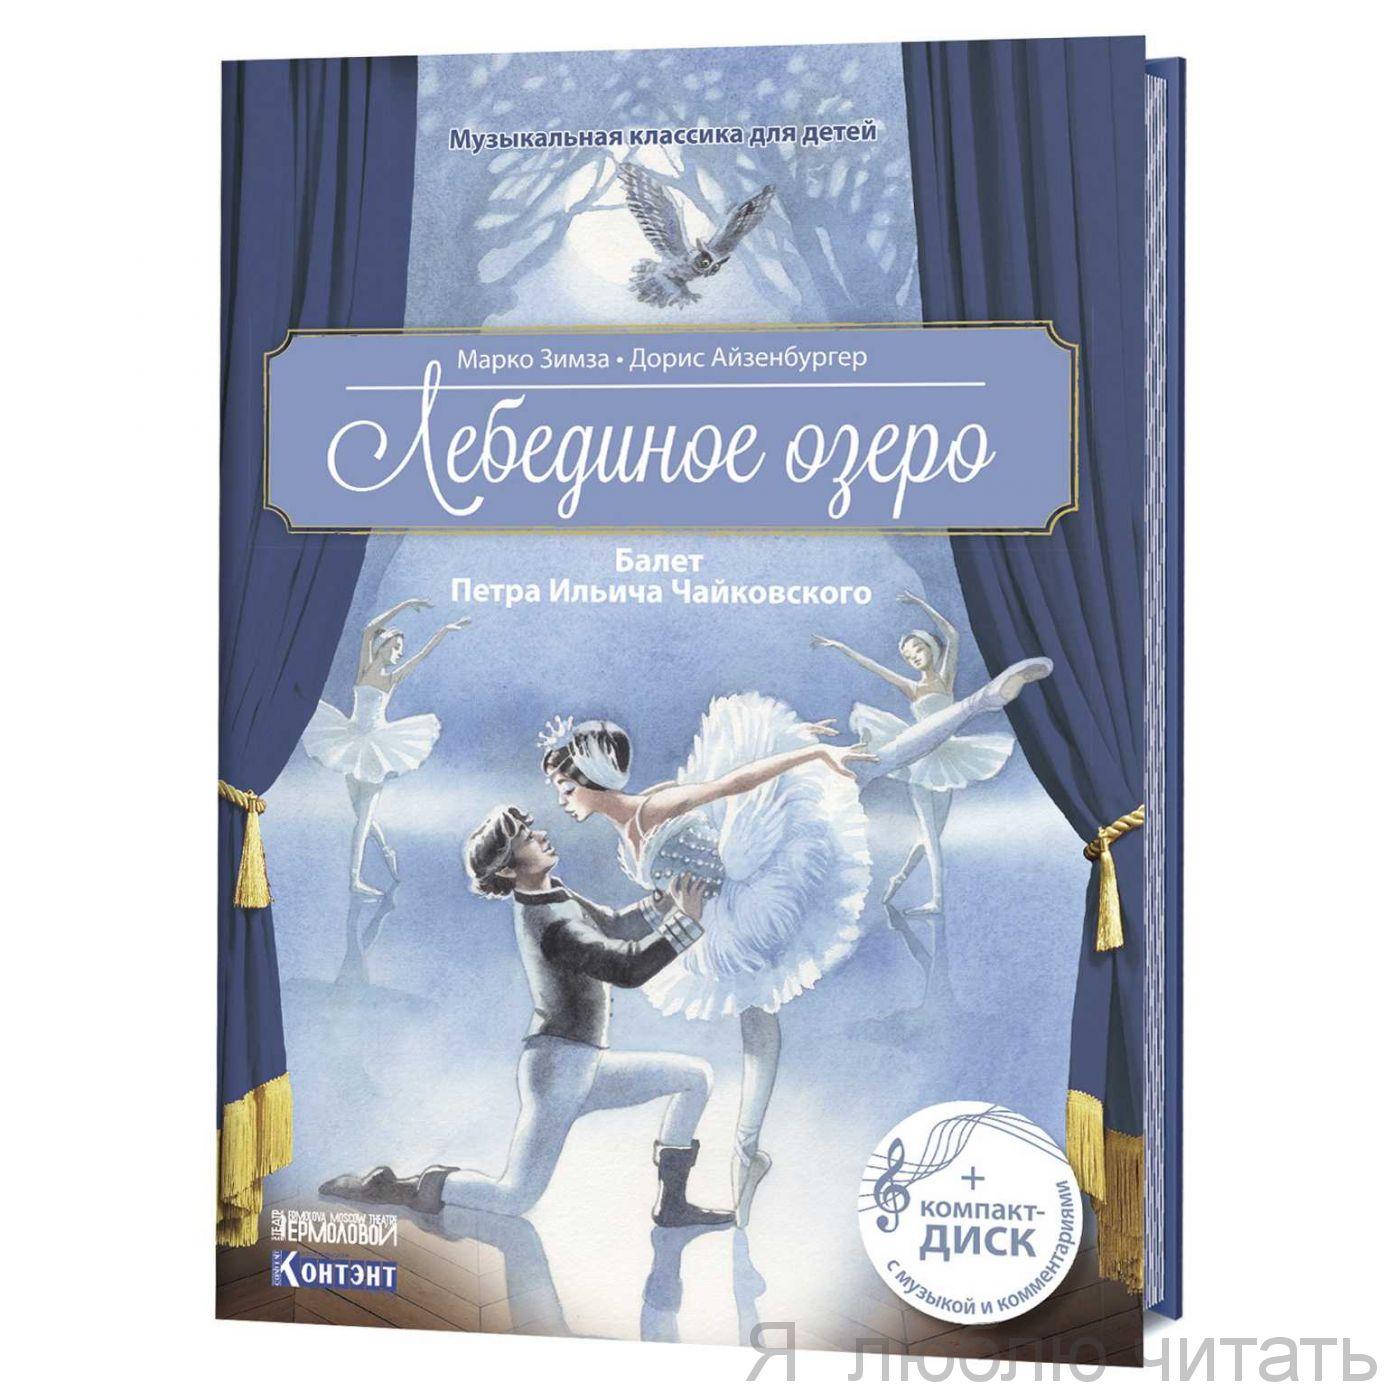 Лебединое озеро. Балет Петра Ильича Чайковского. С CD и QR- кодом